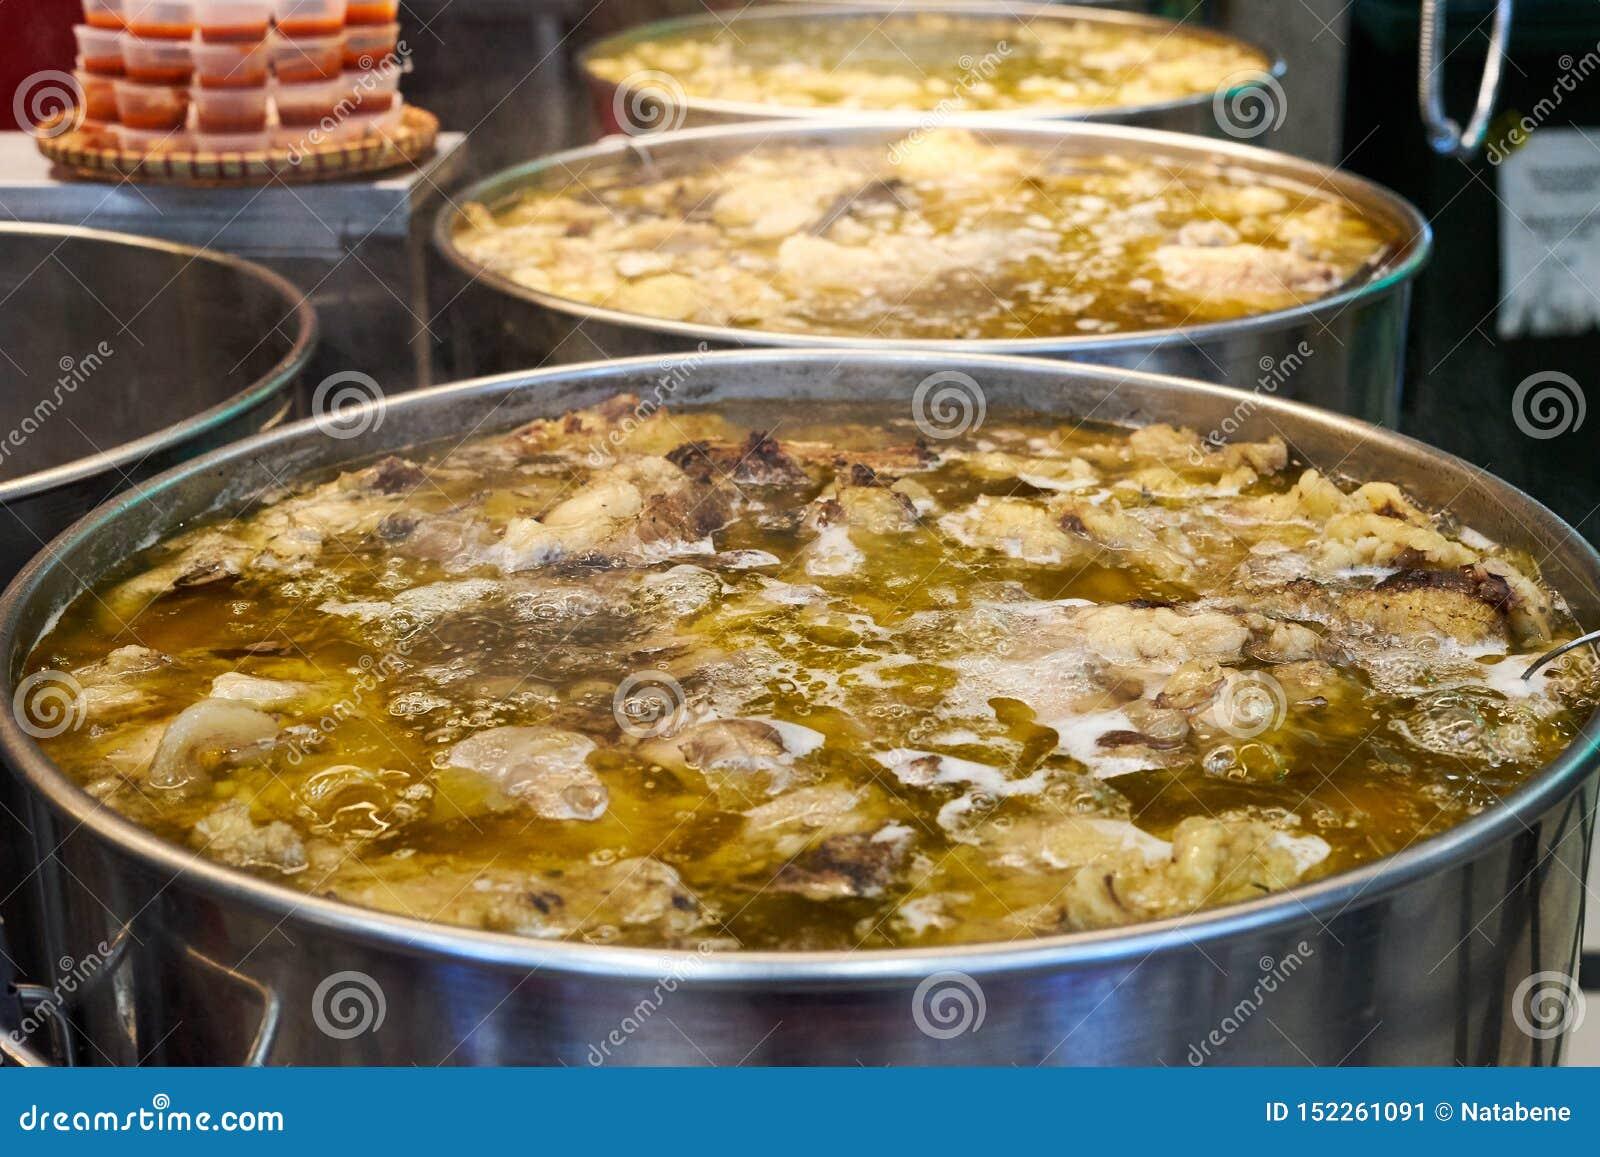 Soupe vietnamienne traditionnelle en grande nourriture de rue de casserole de fer, régime ketogenic de cétonique, plan rapproché